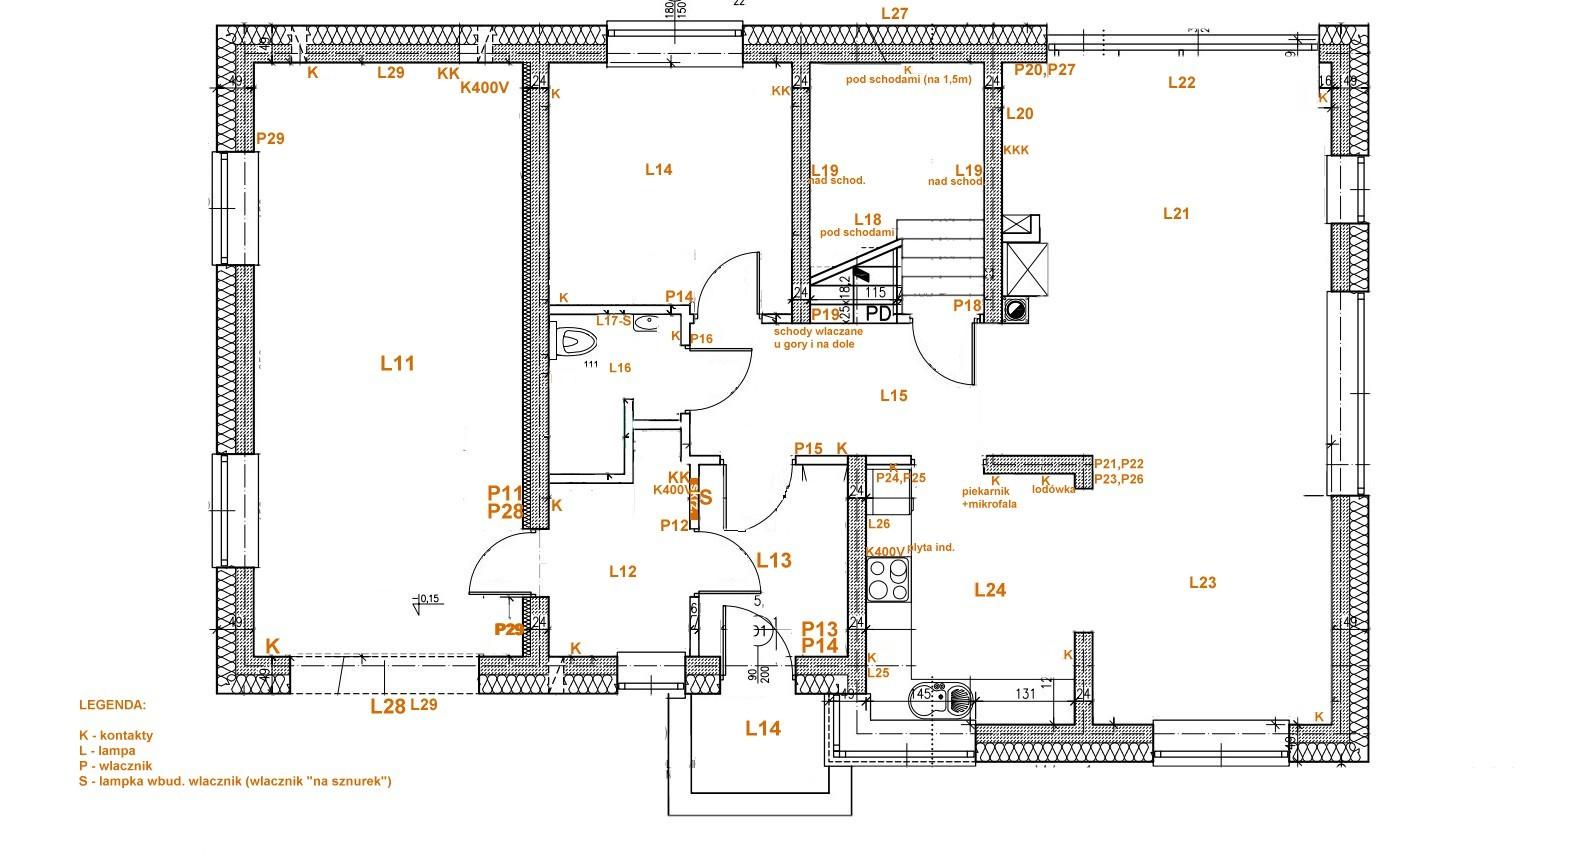 SzukajFachowca pl  Zlecenia  Instalacje  Elektryczne Instalacja elektrycz